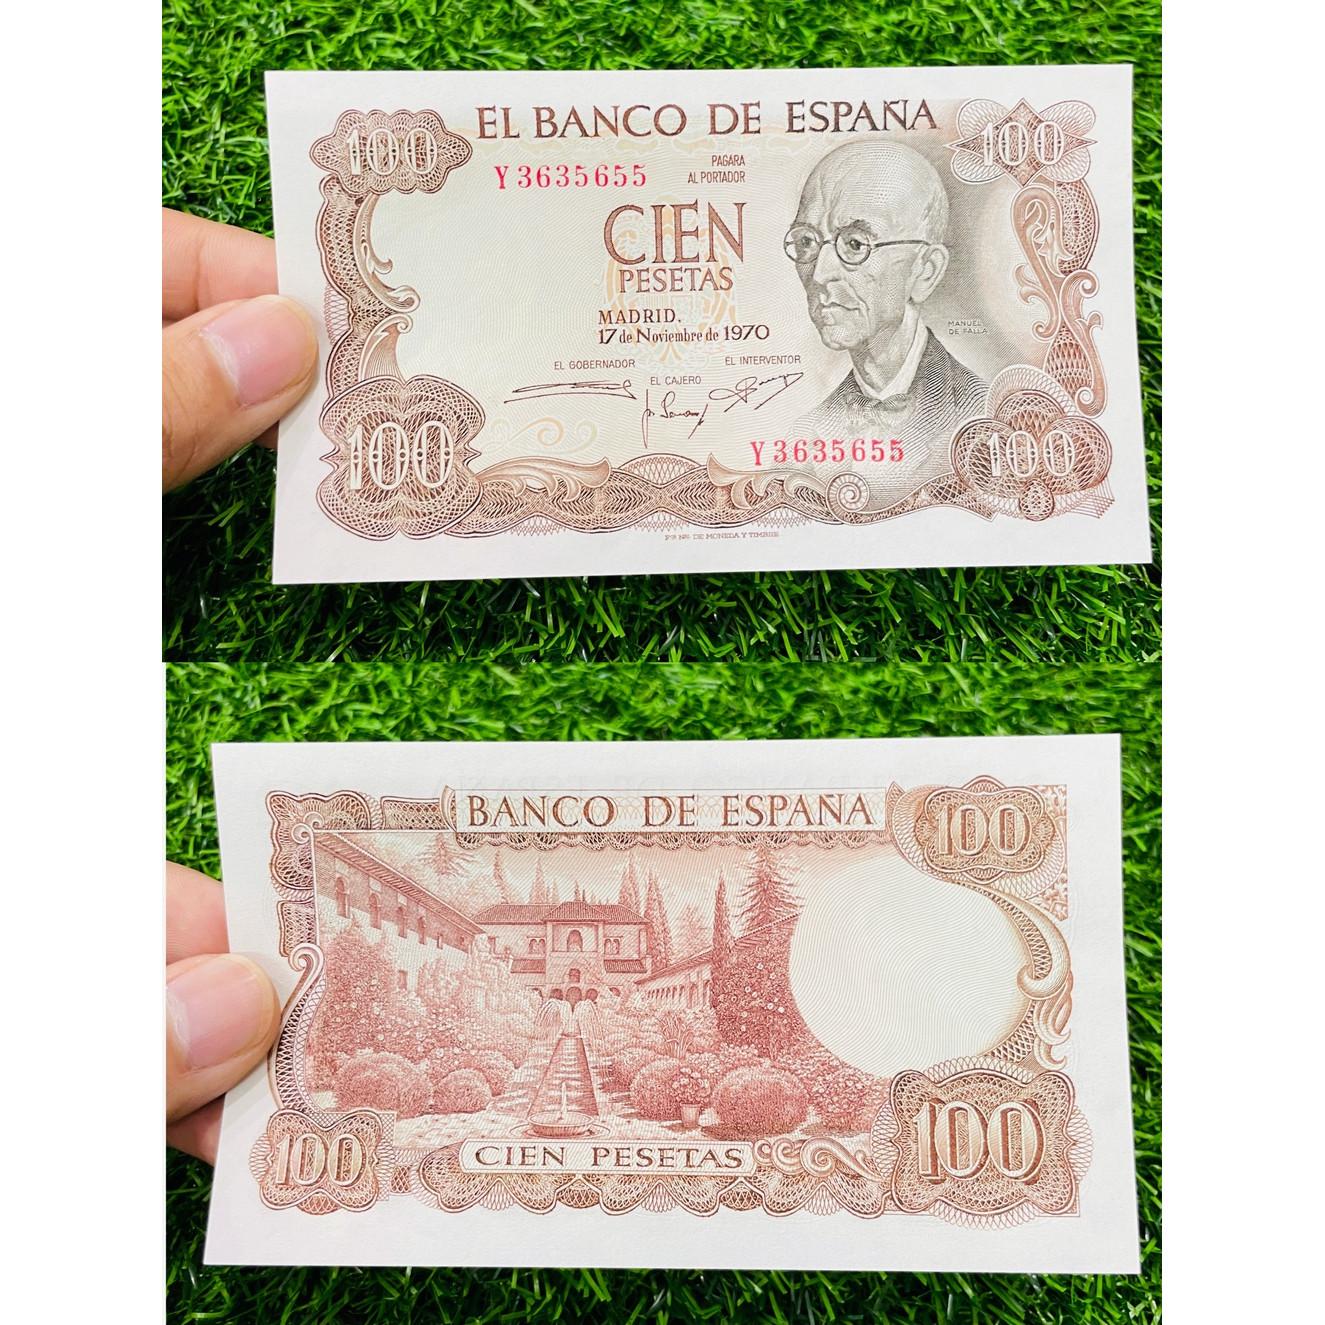 Tiền Tây Ban Nha 100 Pesetas xưa 1970 , tiền cổ châu Âu Spain , mới 100% UNC, tặng túi nilon bảo quản